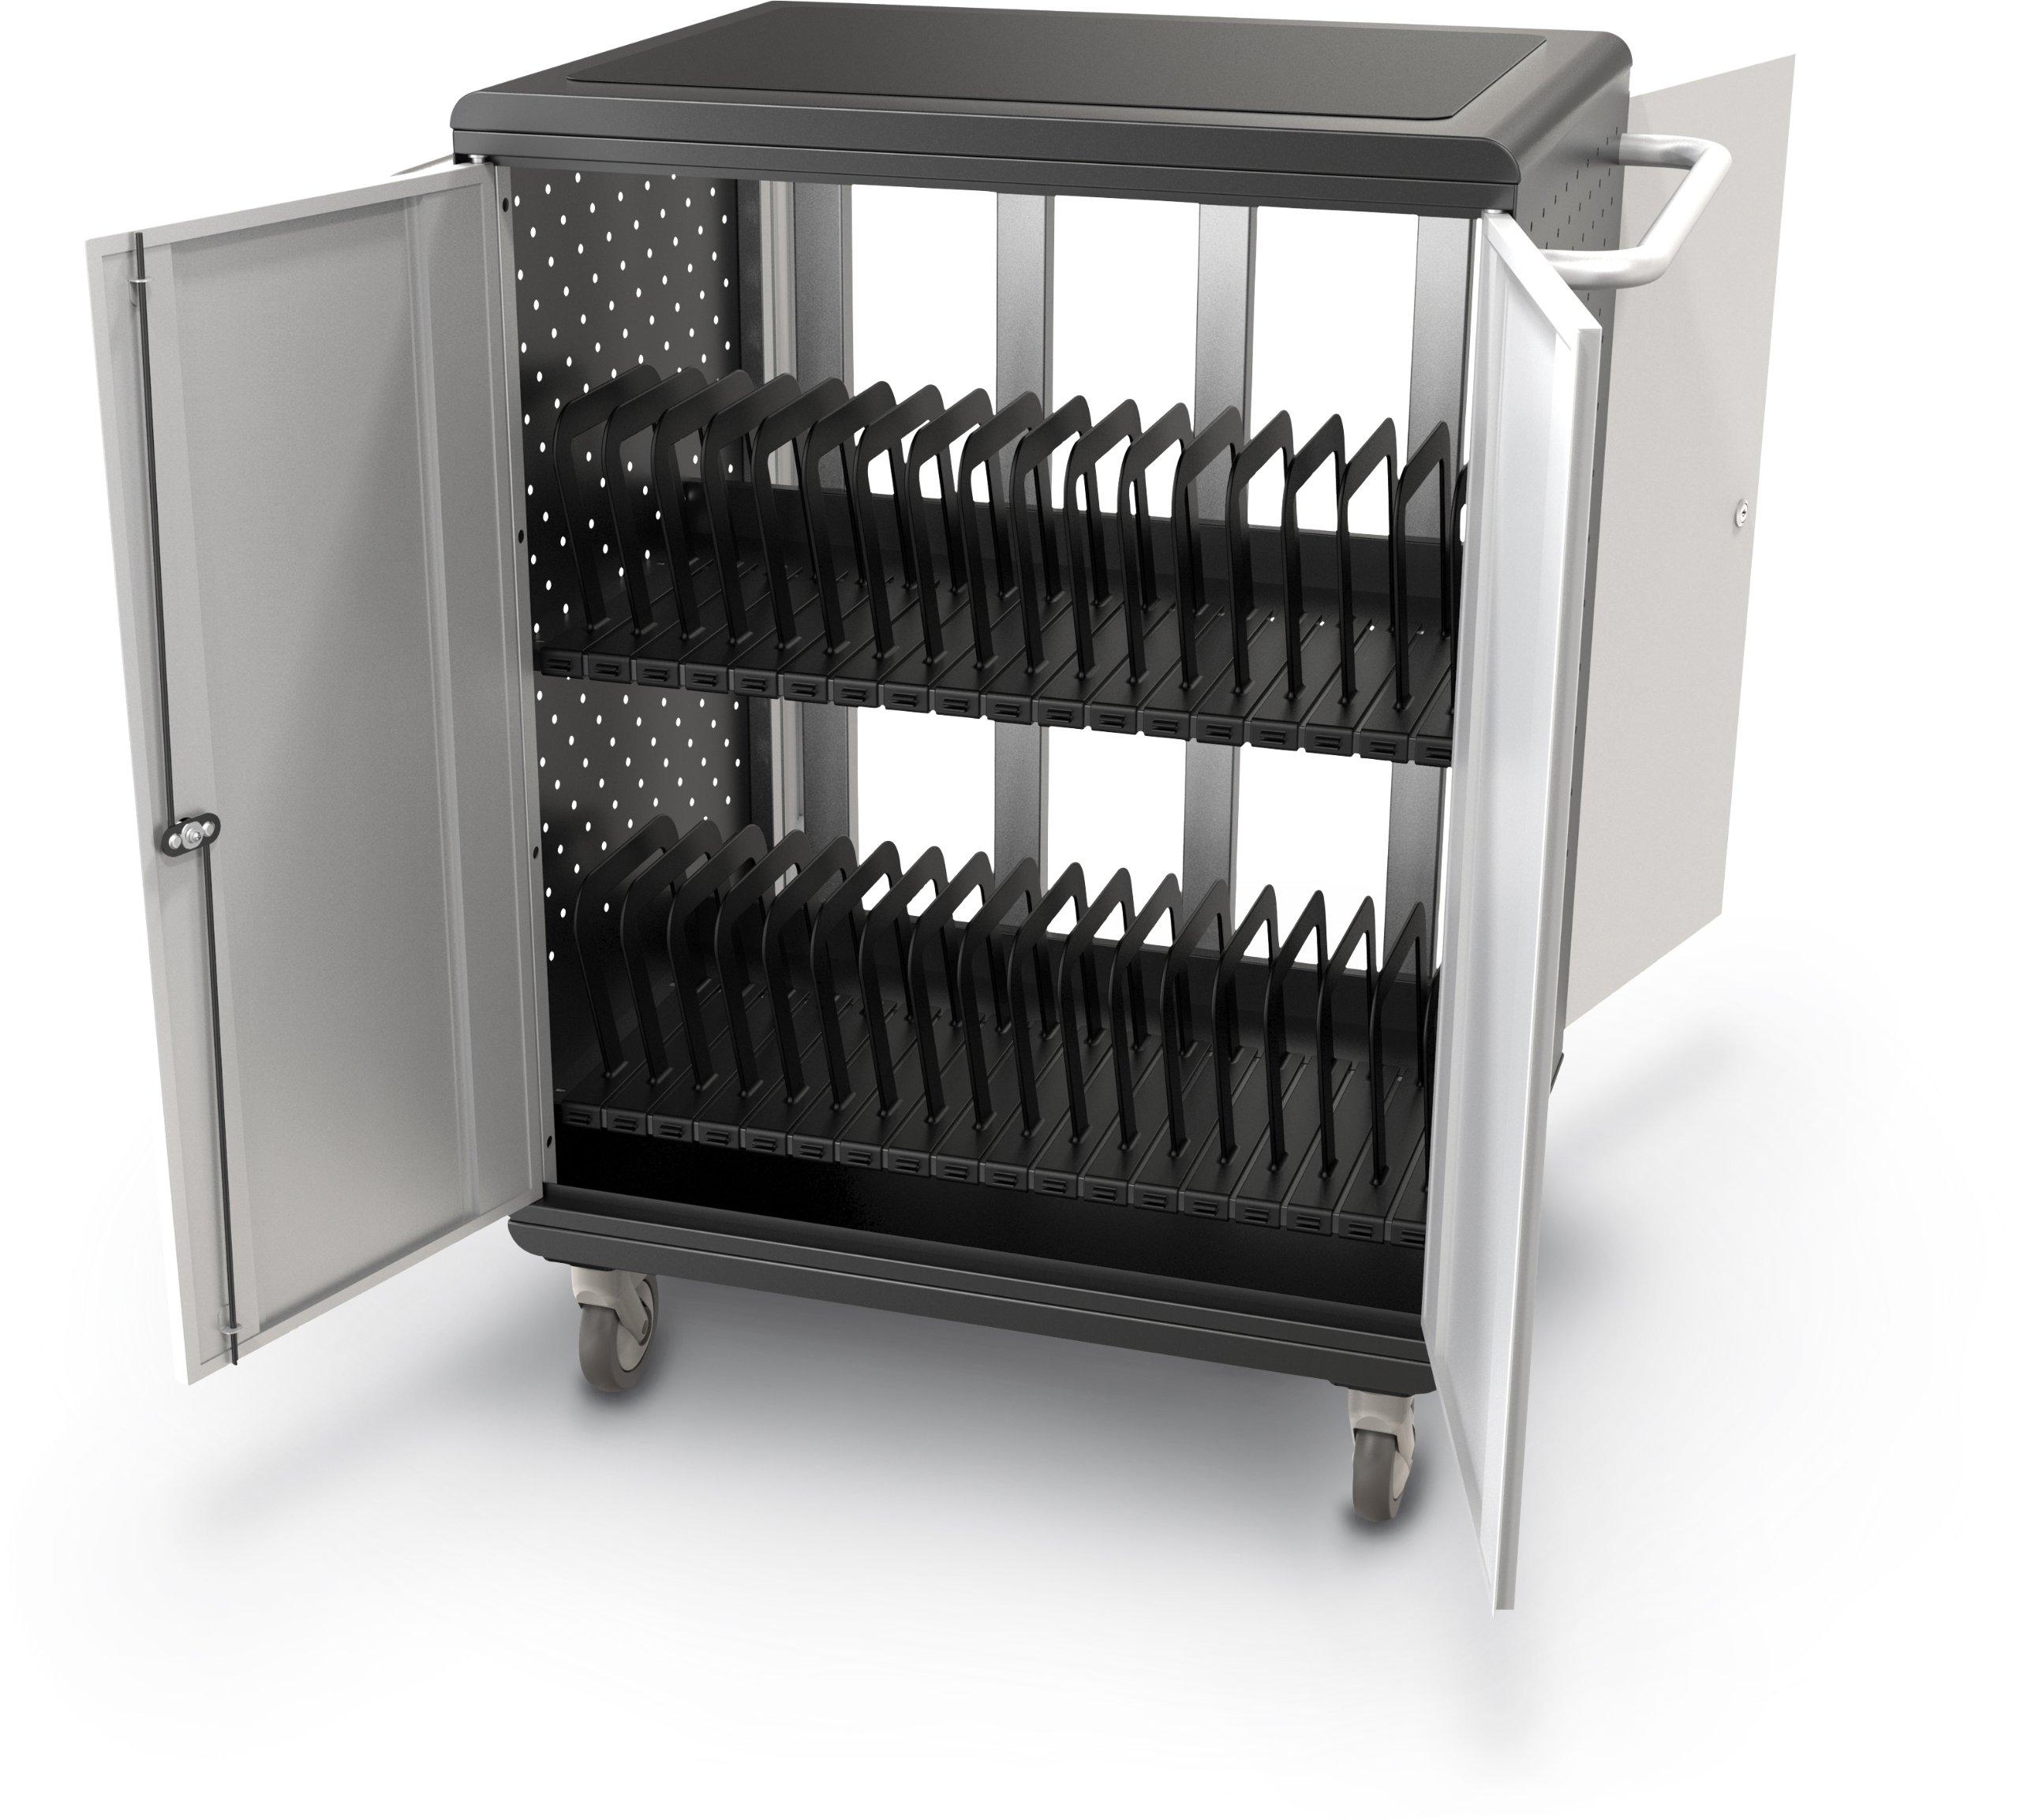 Balt Assembled A La Cart Charging Cart, Holds 32 Tablets by Balt